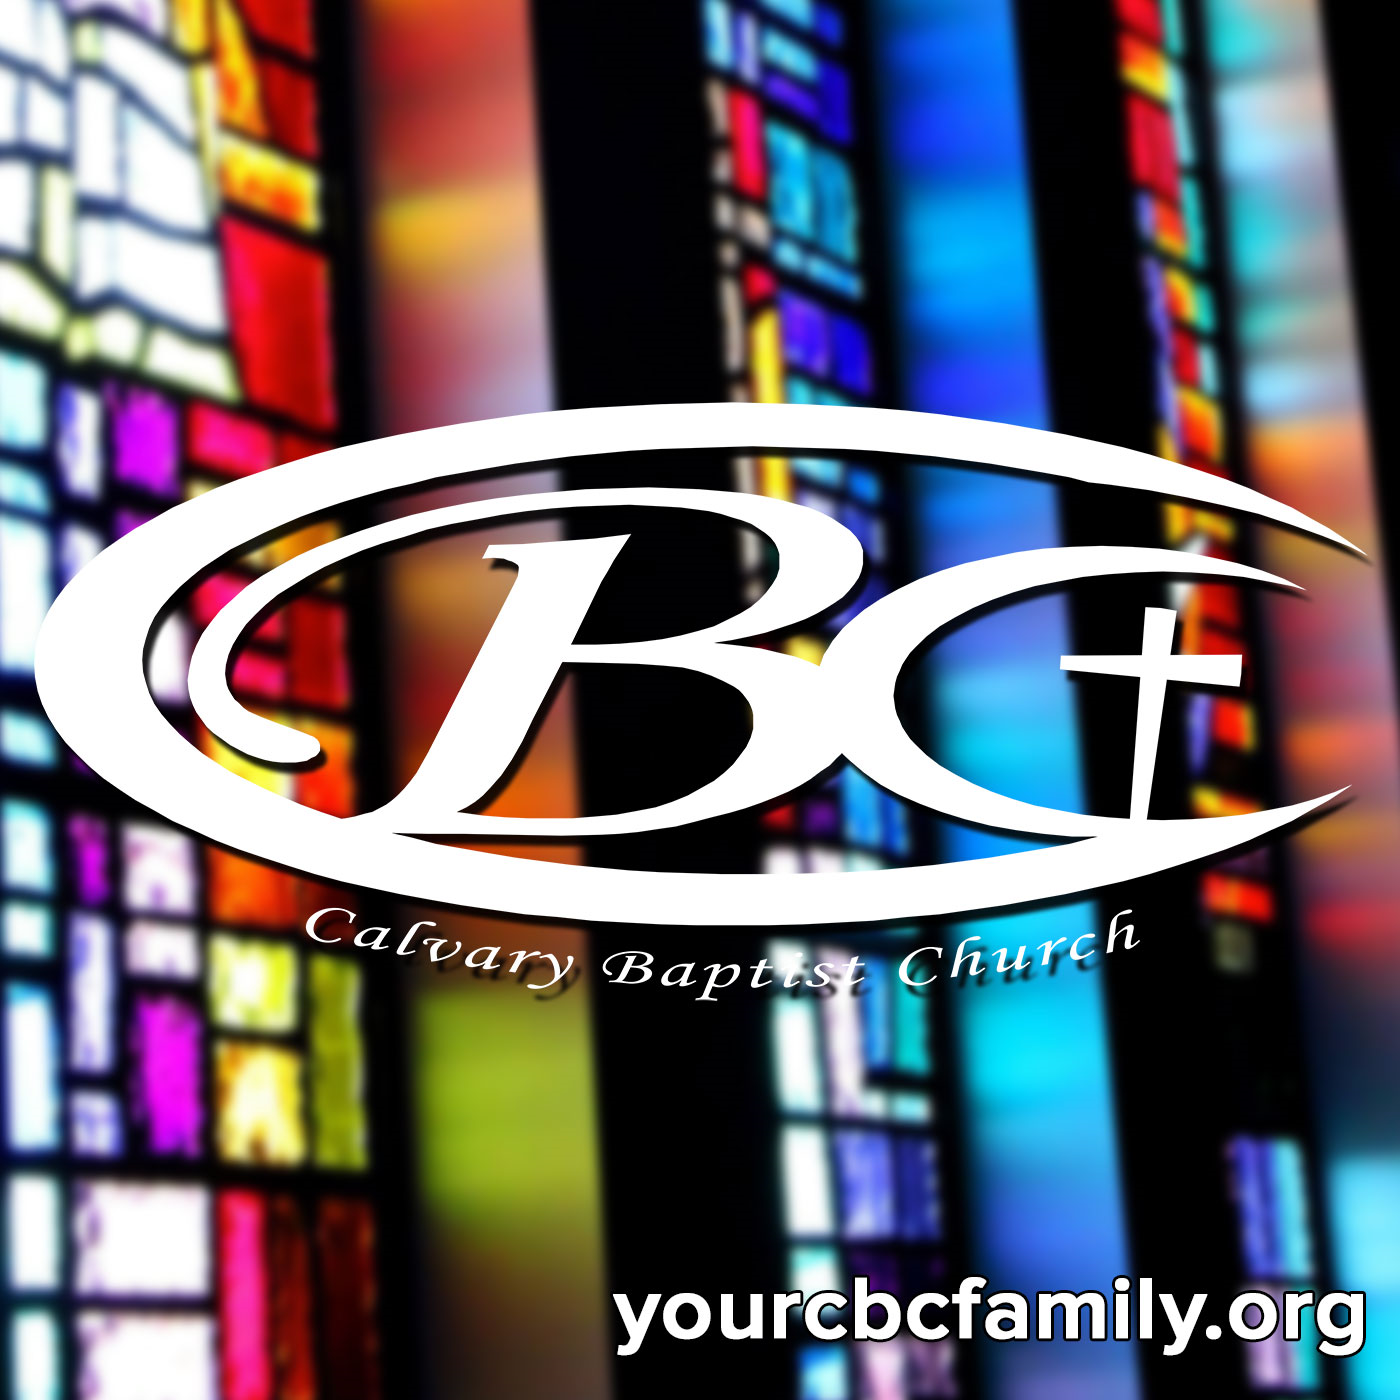 cbc_podcast2.jpg